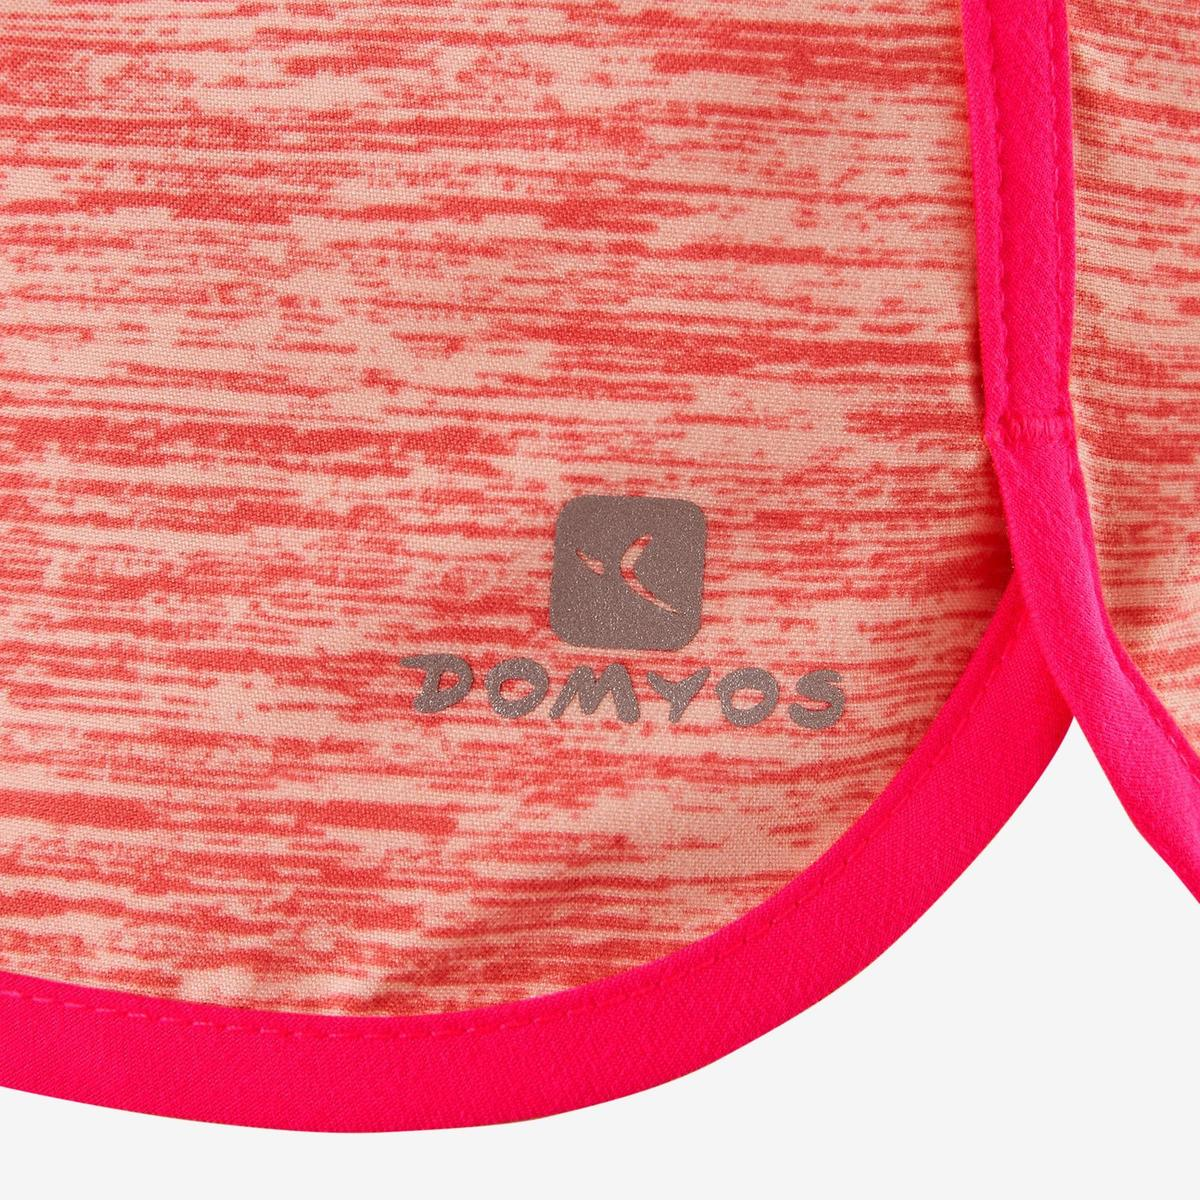 Bild 5 von Sporthose kurz W500 Gym Mädchen rosa